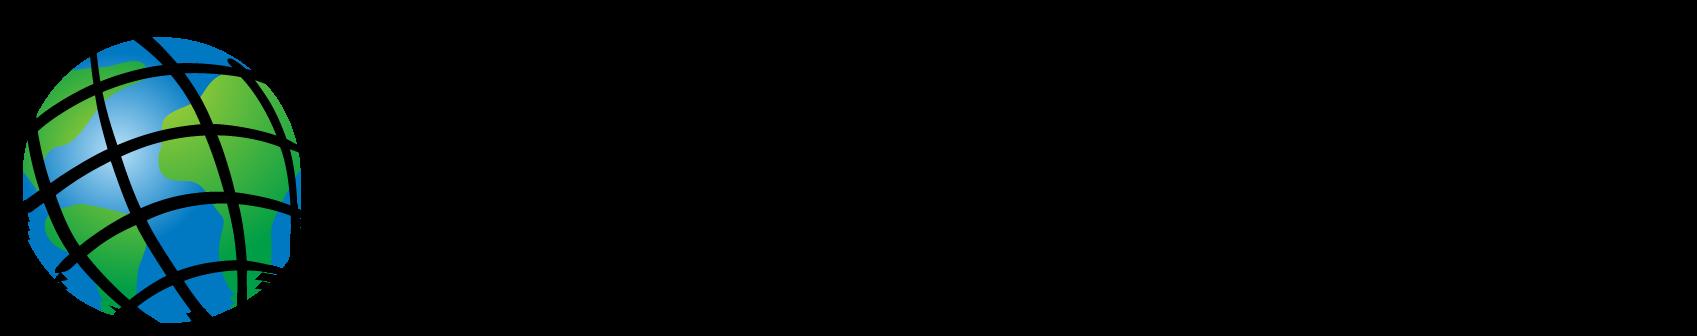 Esri Suisse